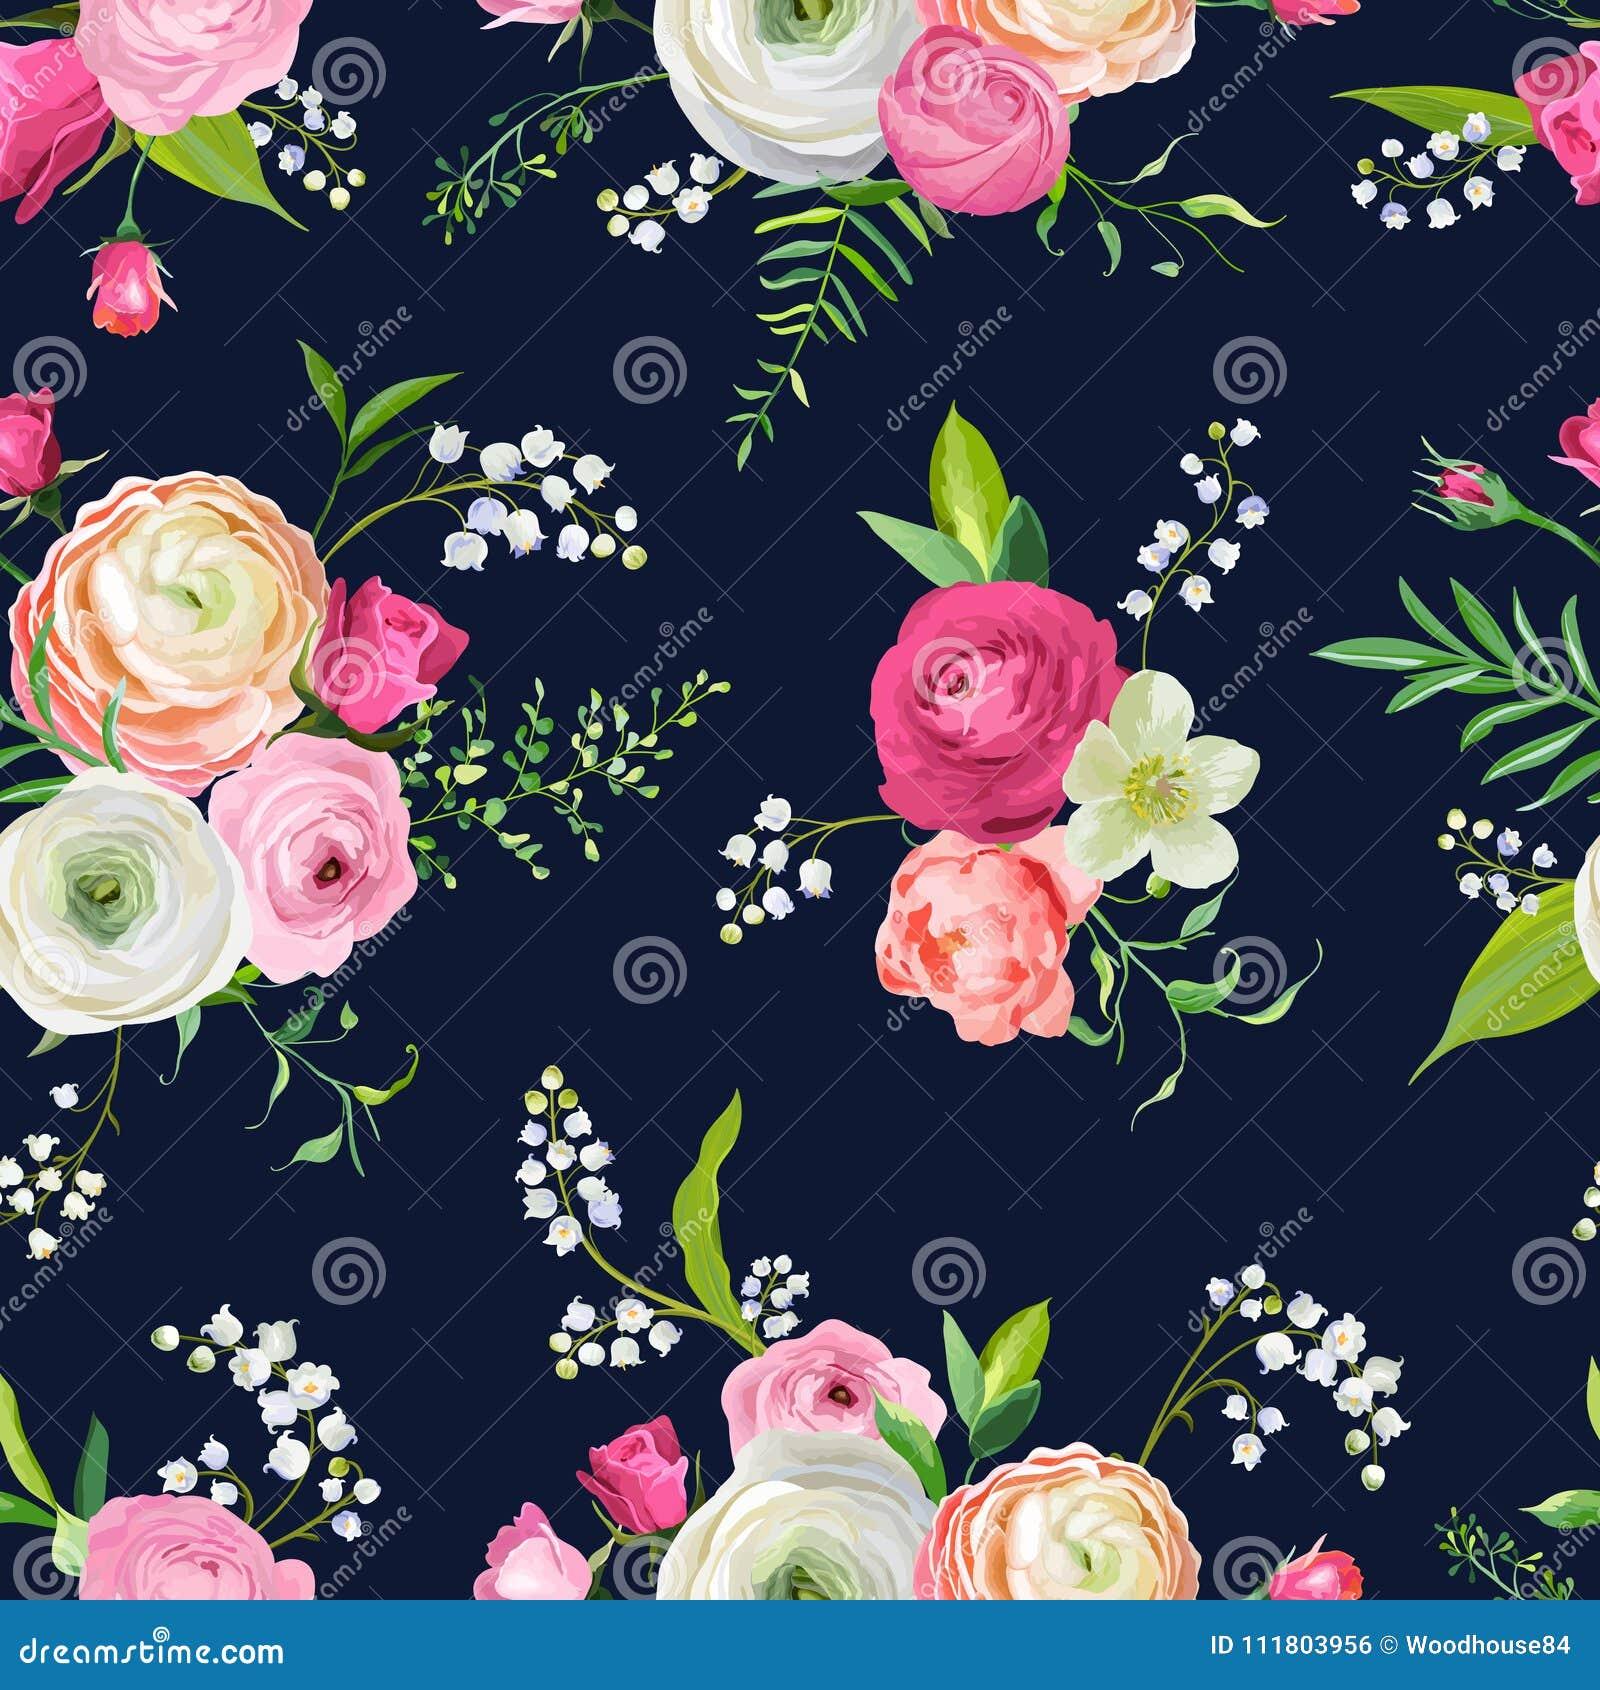 Nahtloses mit Blumenmuster mit rosa Blumen und Lilie Botanischer Hintergrund für Gewebe-Gewebe, Tapete, Packpapier